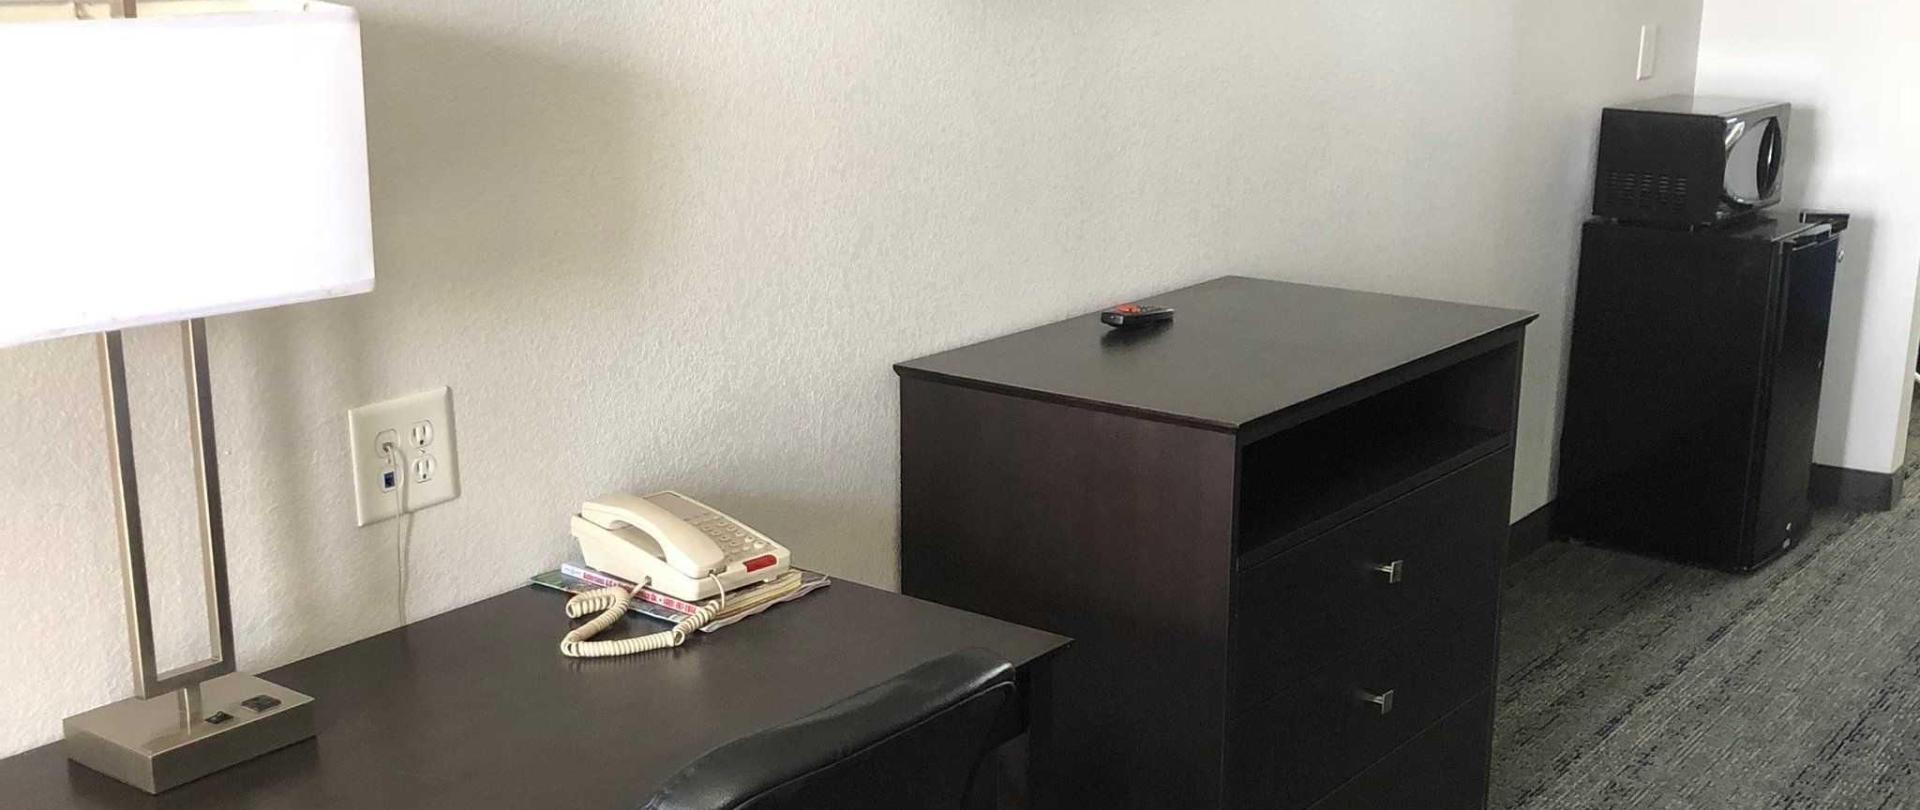 desk-area-3-landscape-5.jpeg